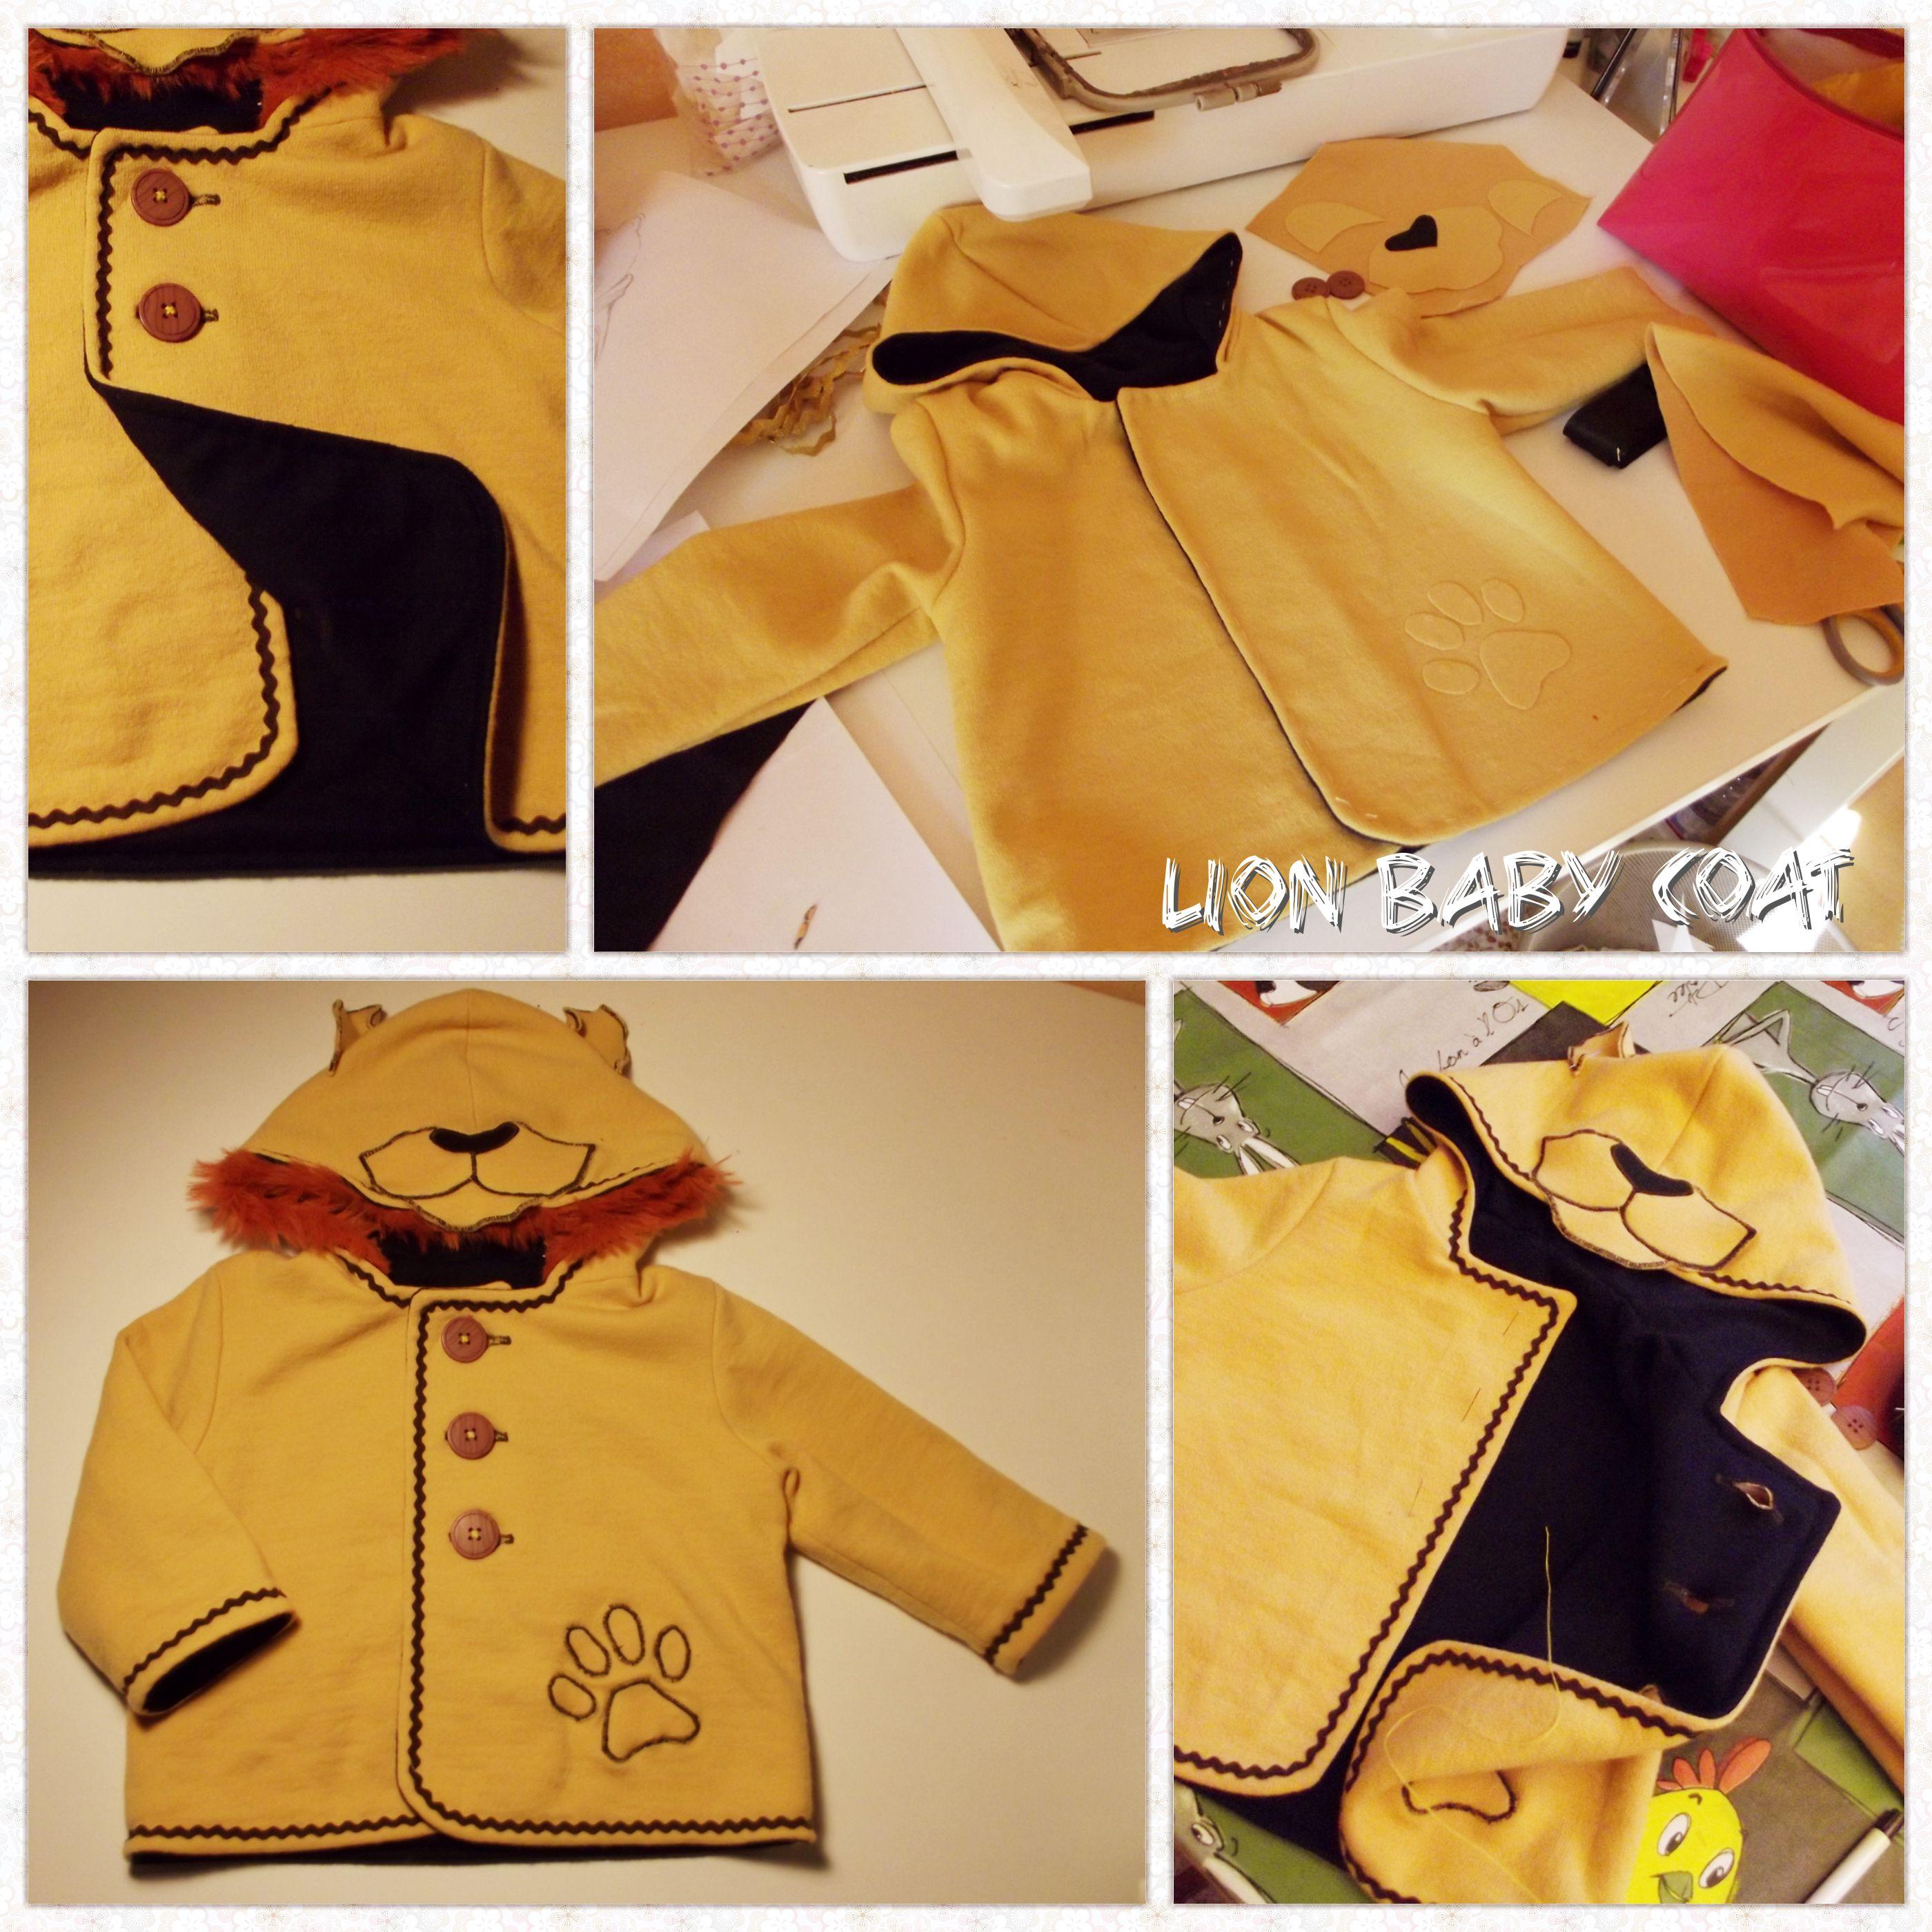 lion baby coat